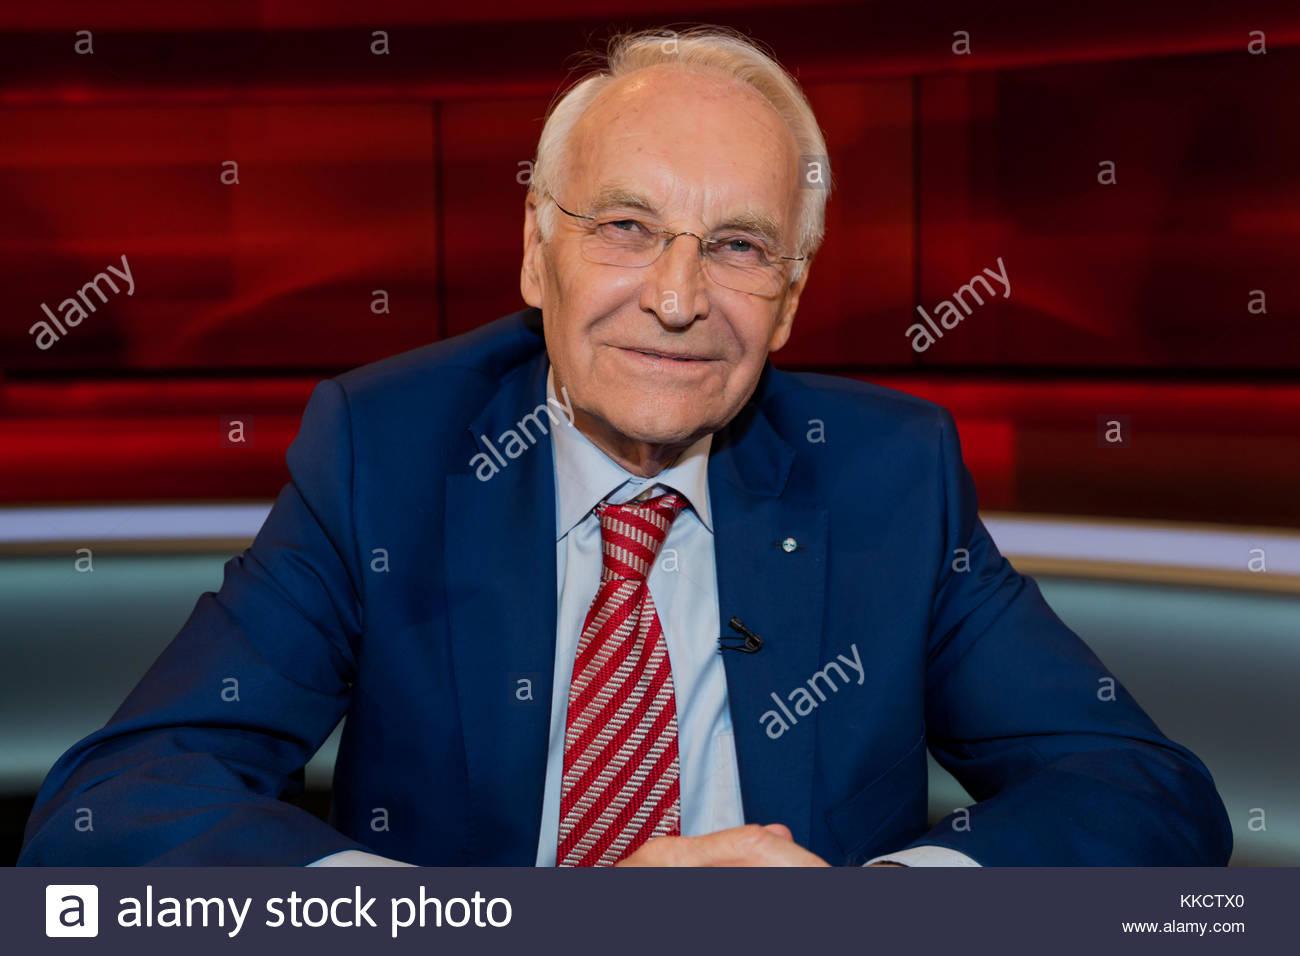 Edmund Stoiber - CSU-Ehrenvorsitzender, ehemaliger Bayerischer Ministerpraesident und ehemaliger CSU-Parteivorsitzender - Stock Image